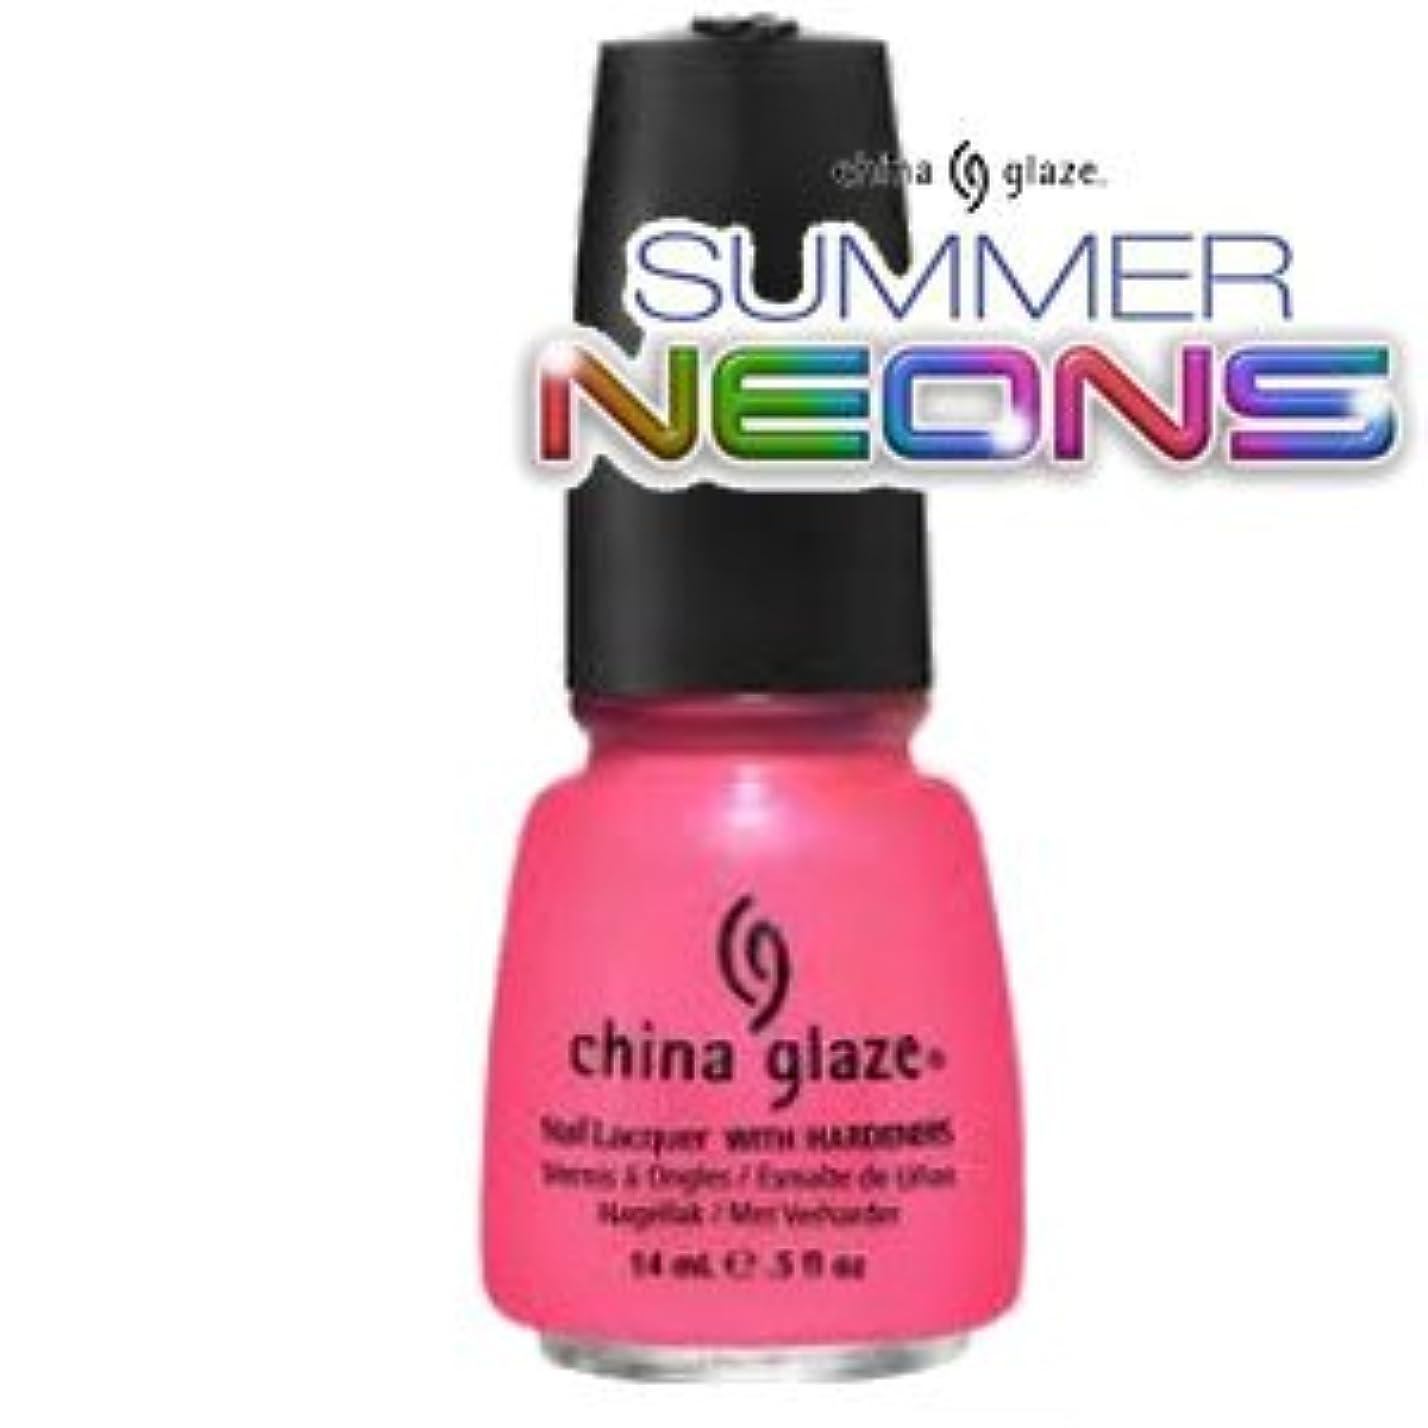 征服するピニオン勇敢な(チャイナグレイズ)China Glaze Pink Plumeriaーサマーネオン コレクション [海外直送品][並行輸入品]